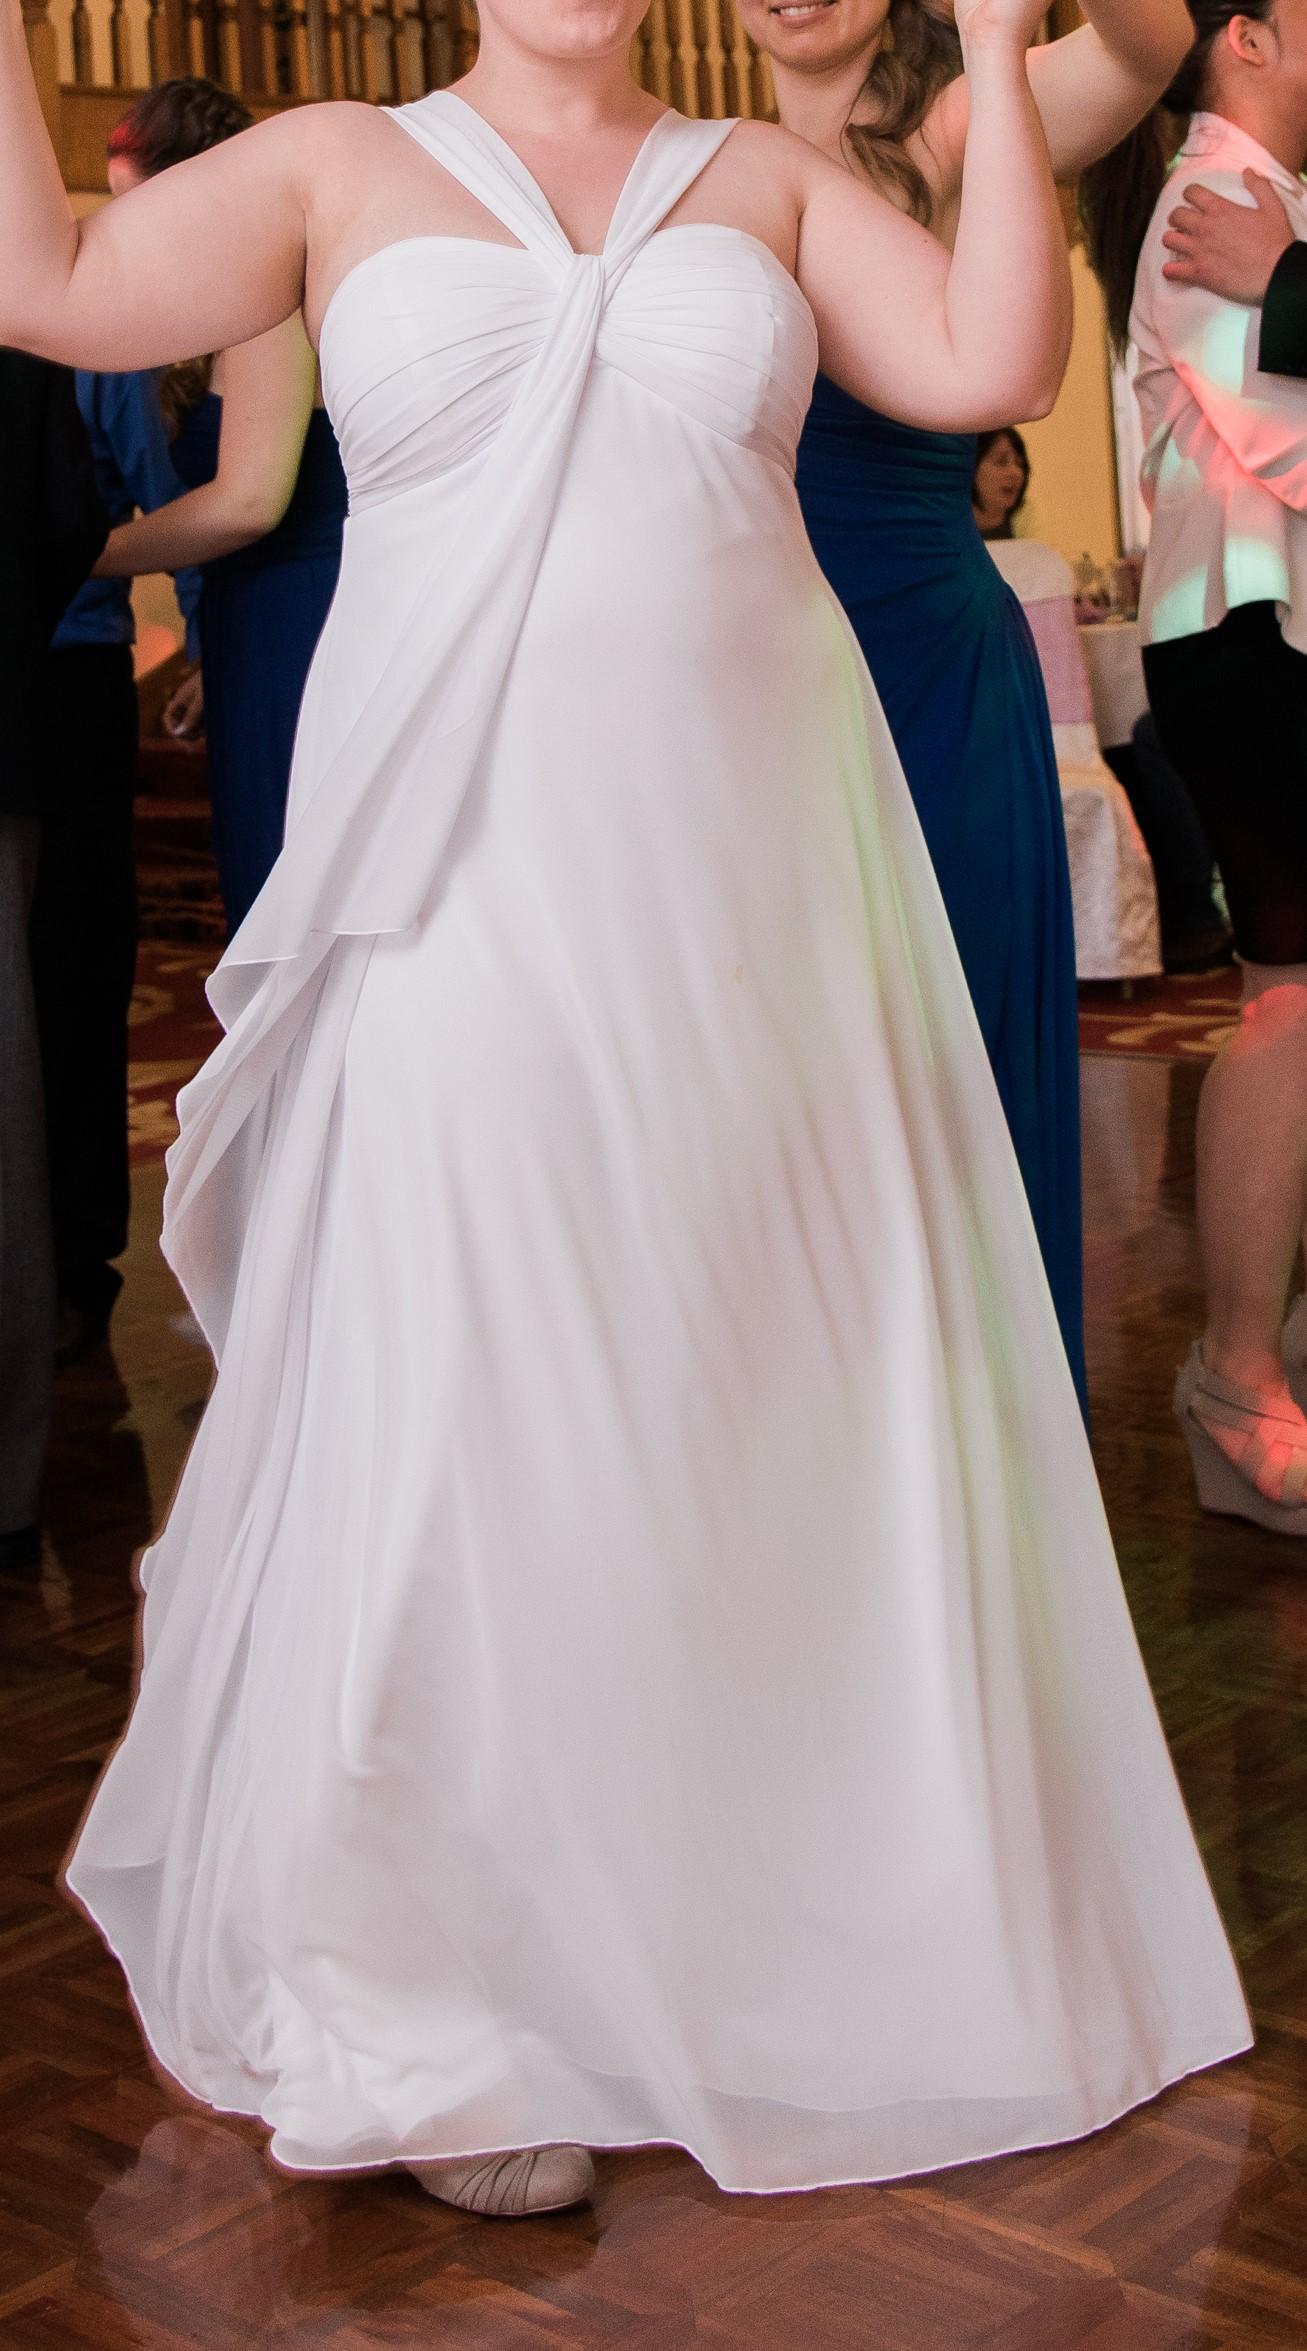 Mr k wedding dress size 14 28 images mr k gold strapless mr k wedding dress size 14 mr k wedding dress on sale 50 ombrellifo Images